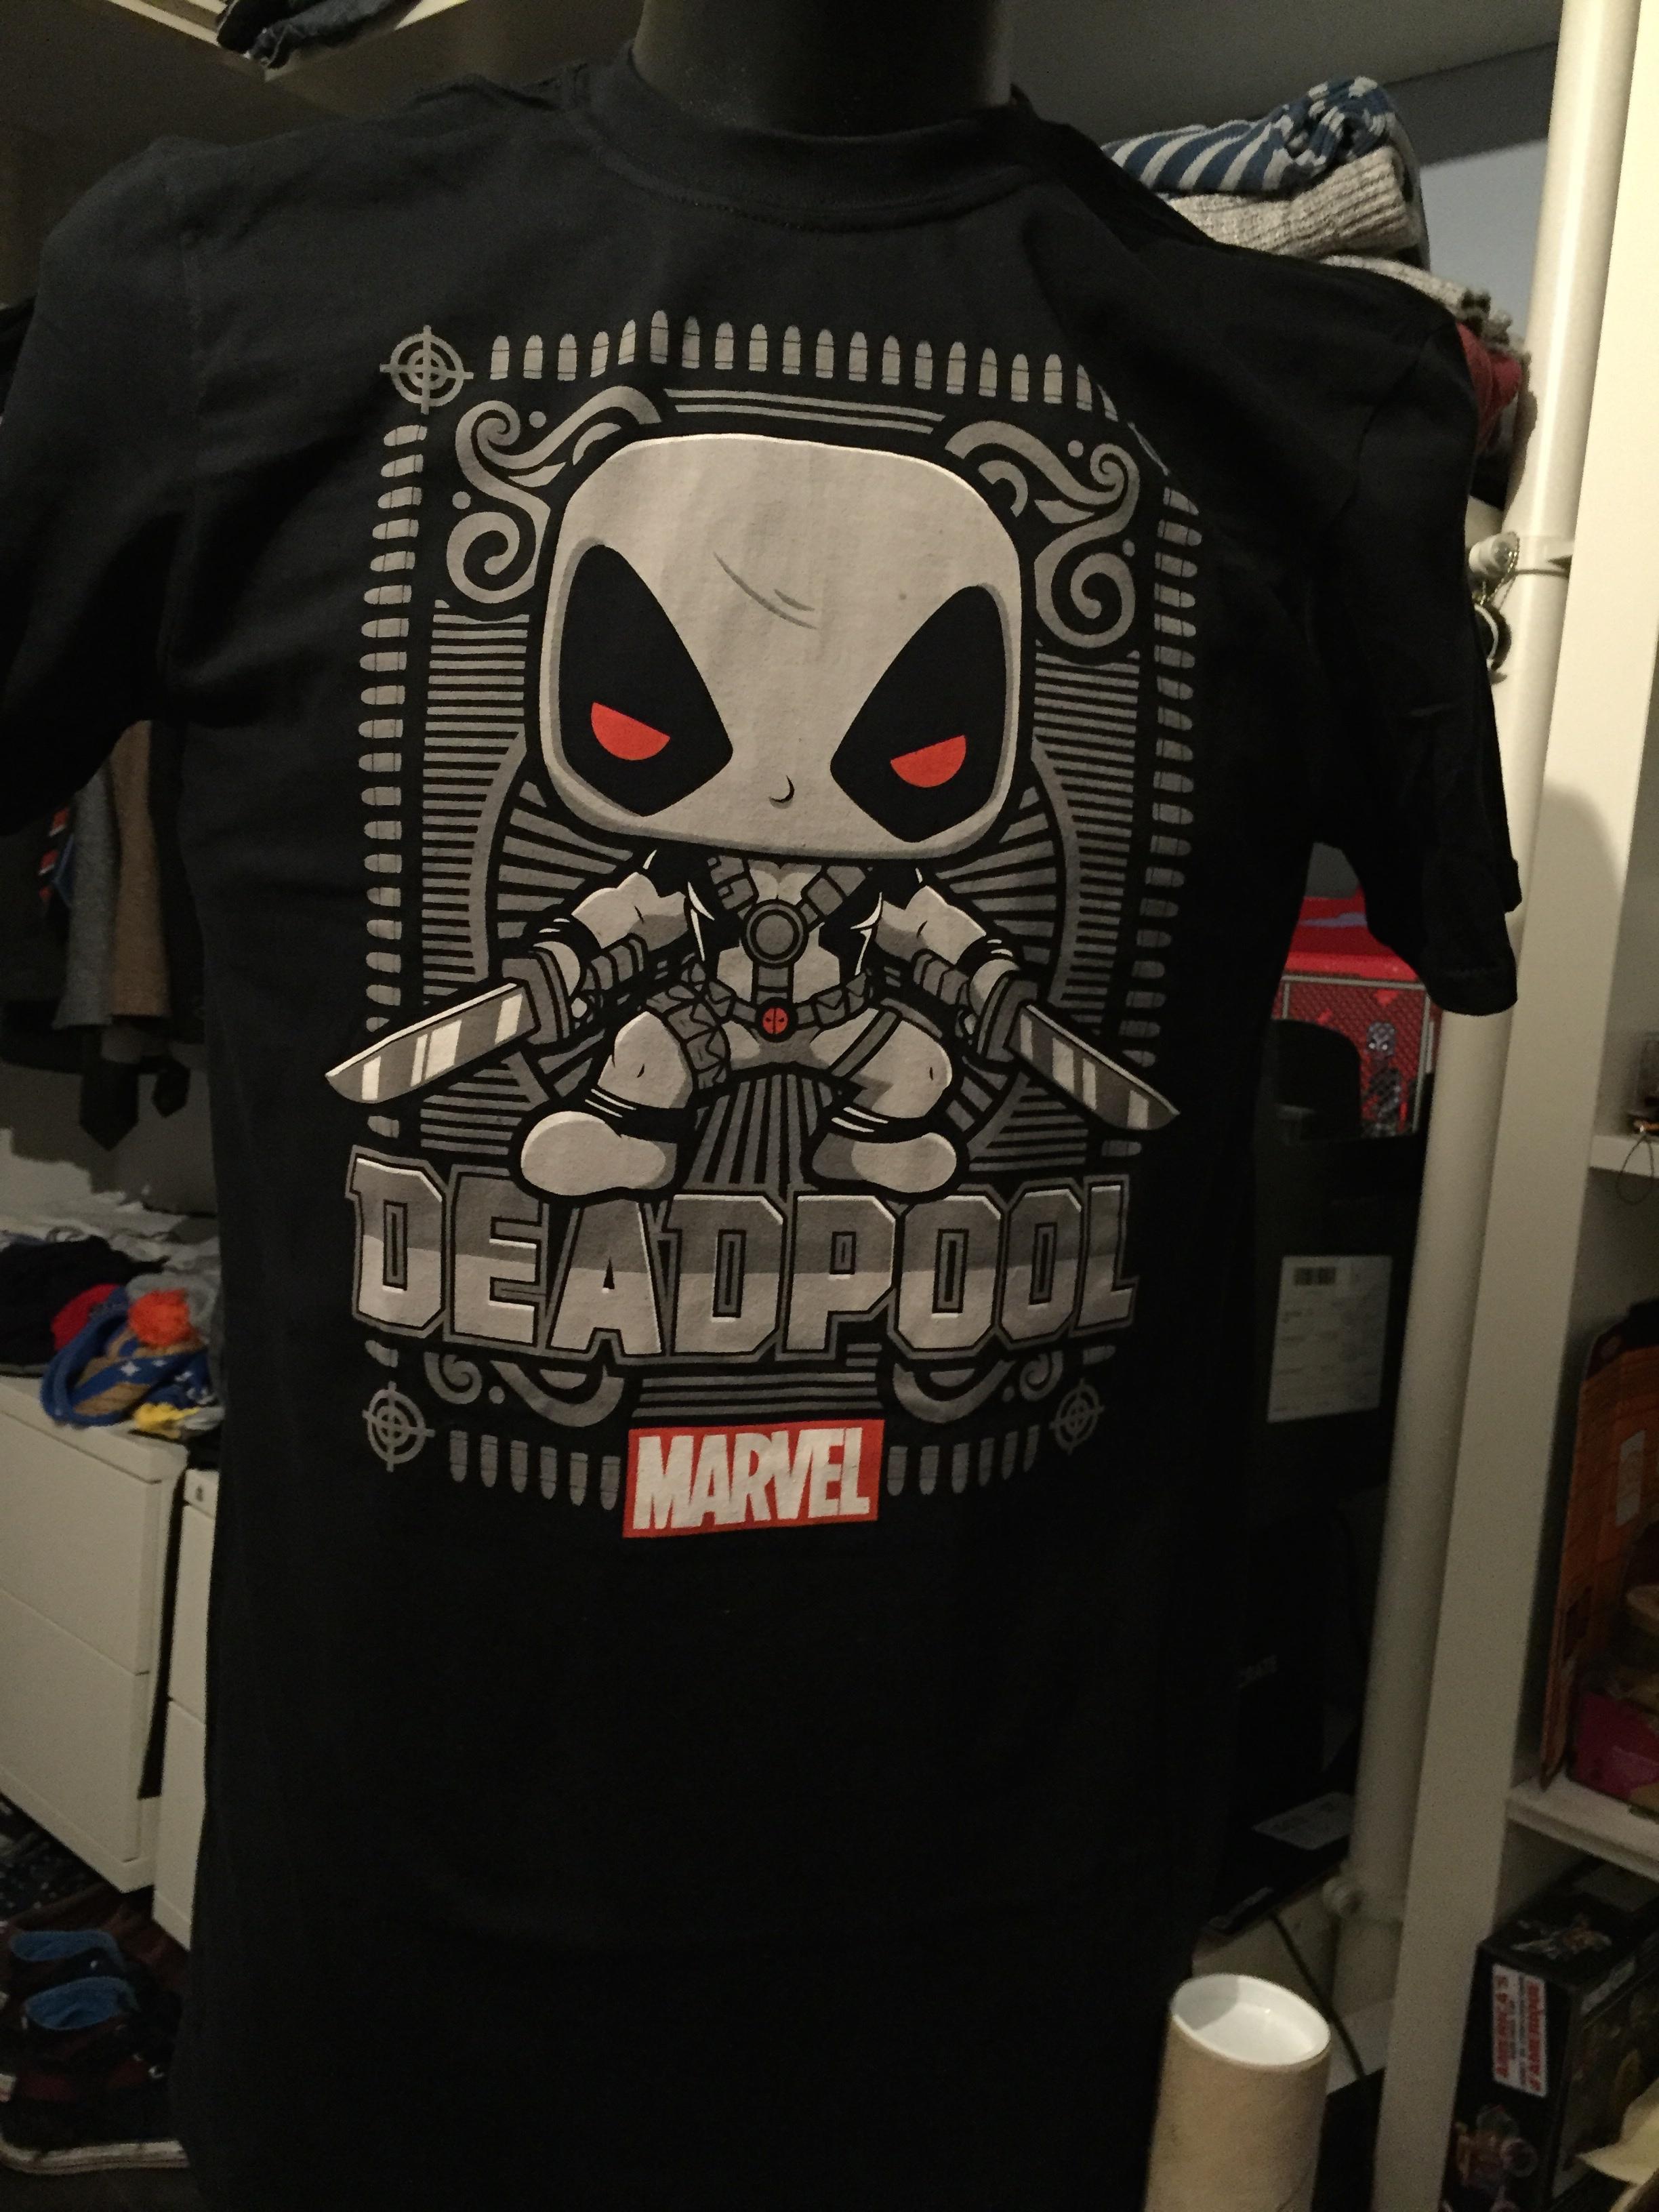 x-force deadpool t-shirt